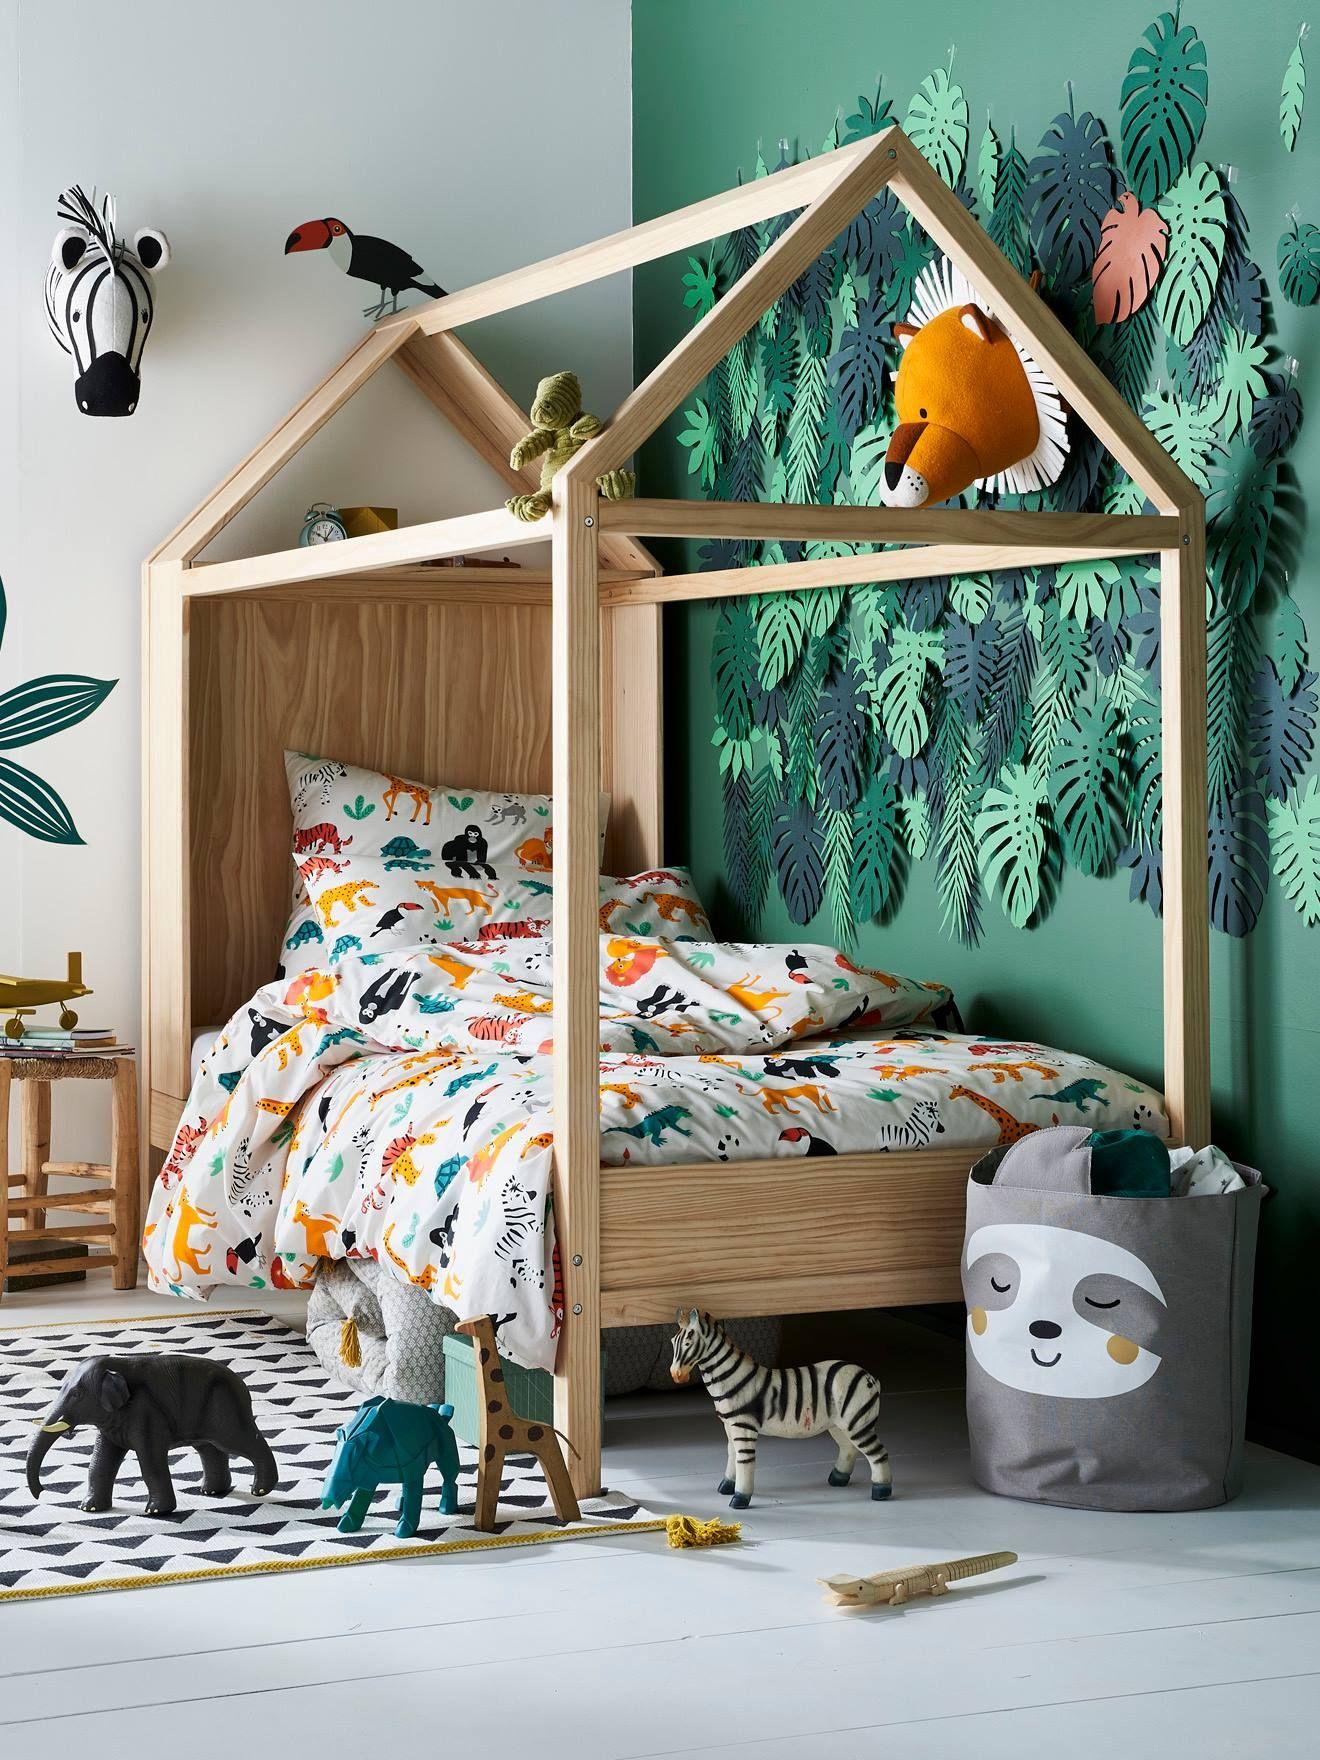 Lit cabane en bois bois - Vertbaudet | Idee deco chambre ...